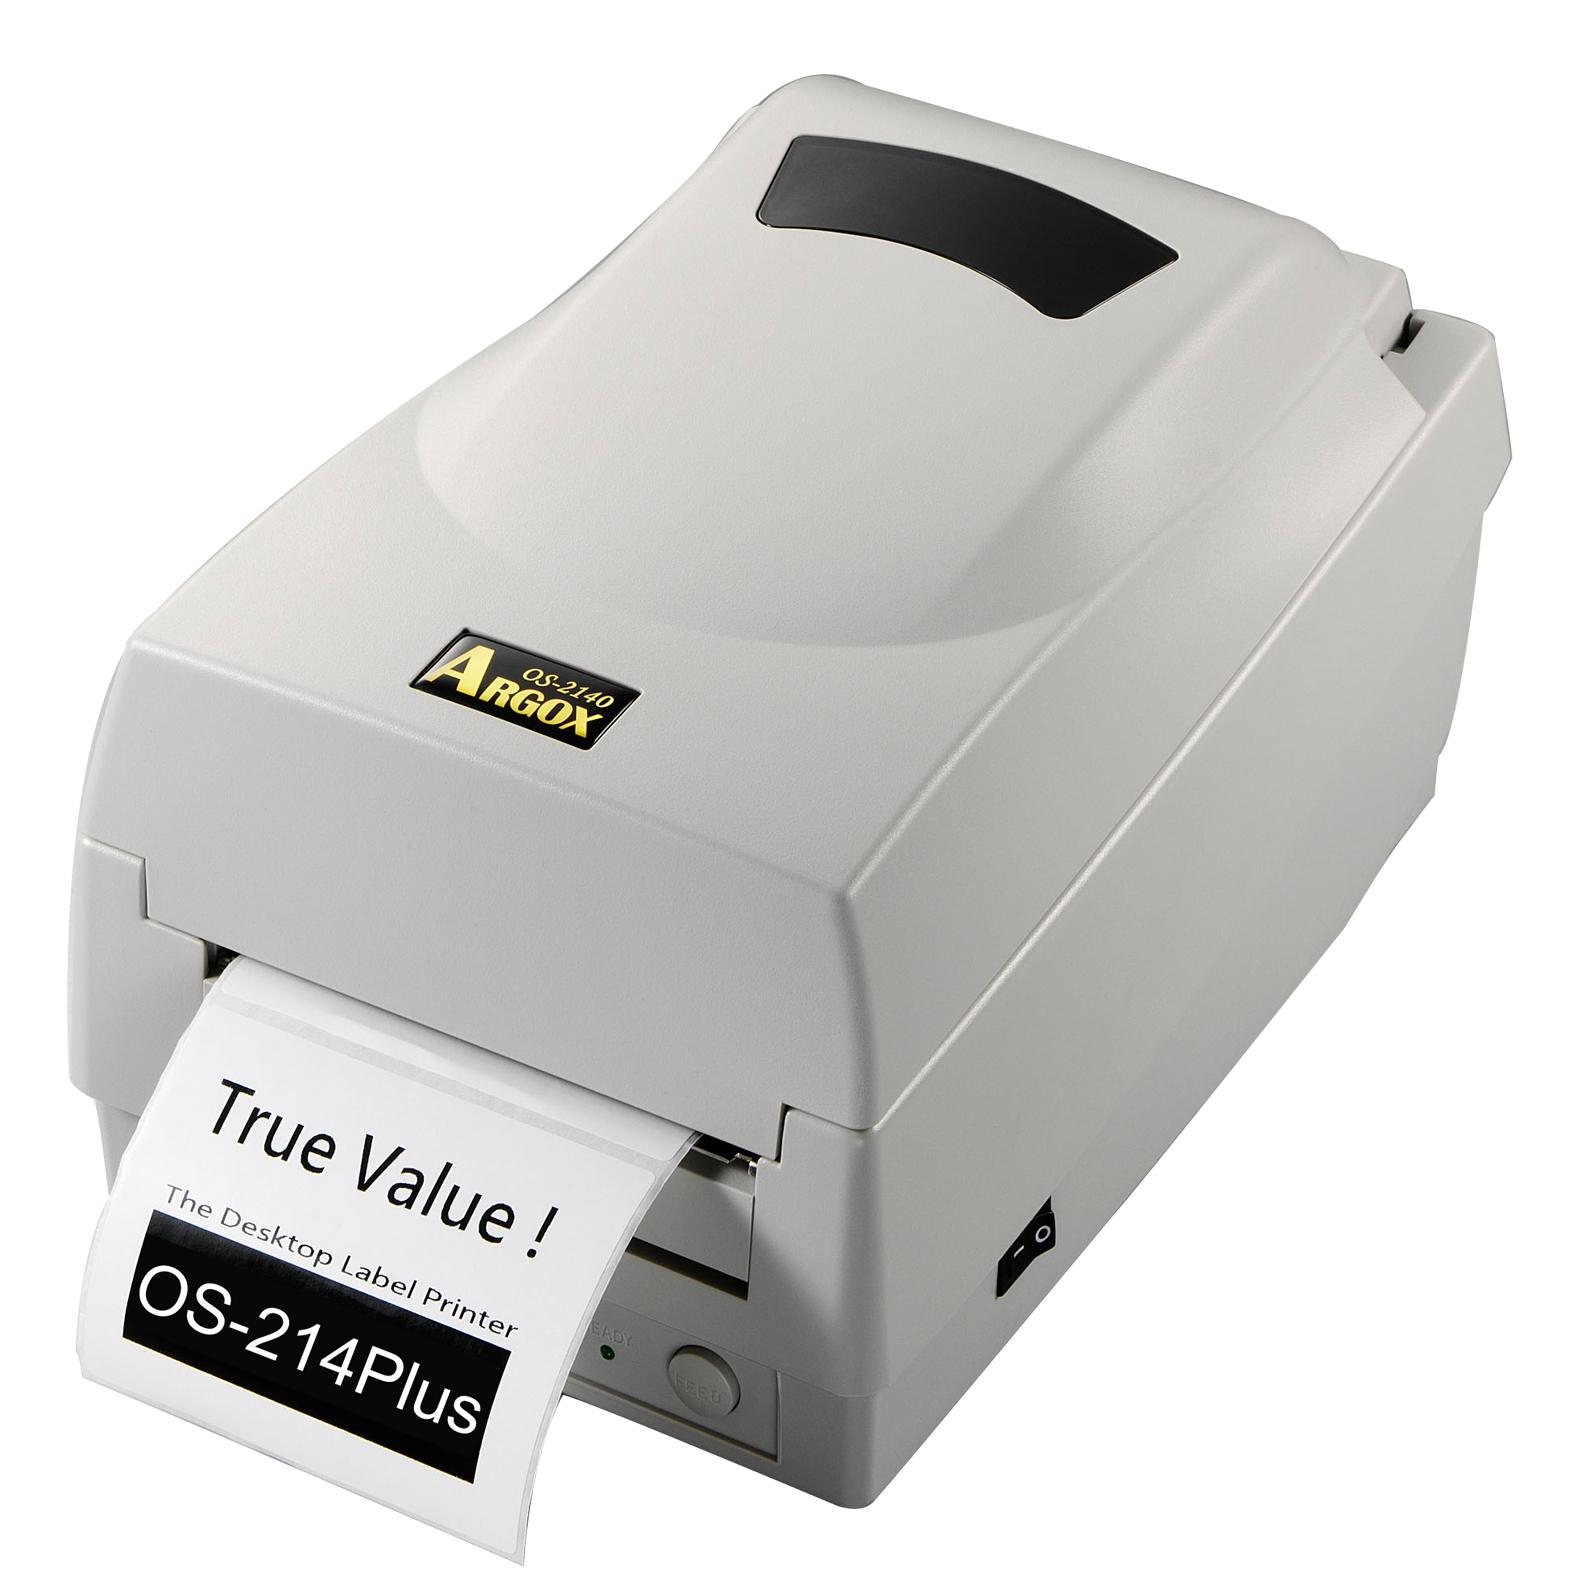 os214打印机